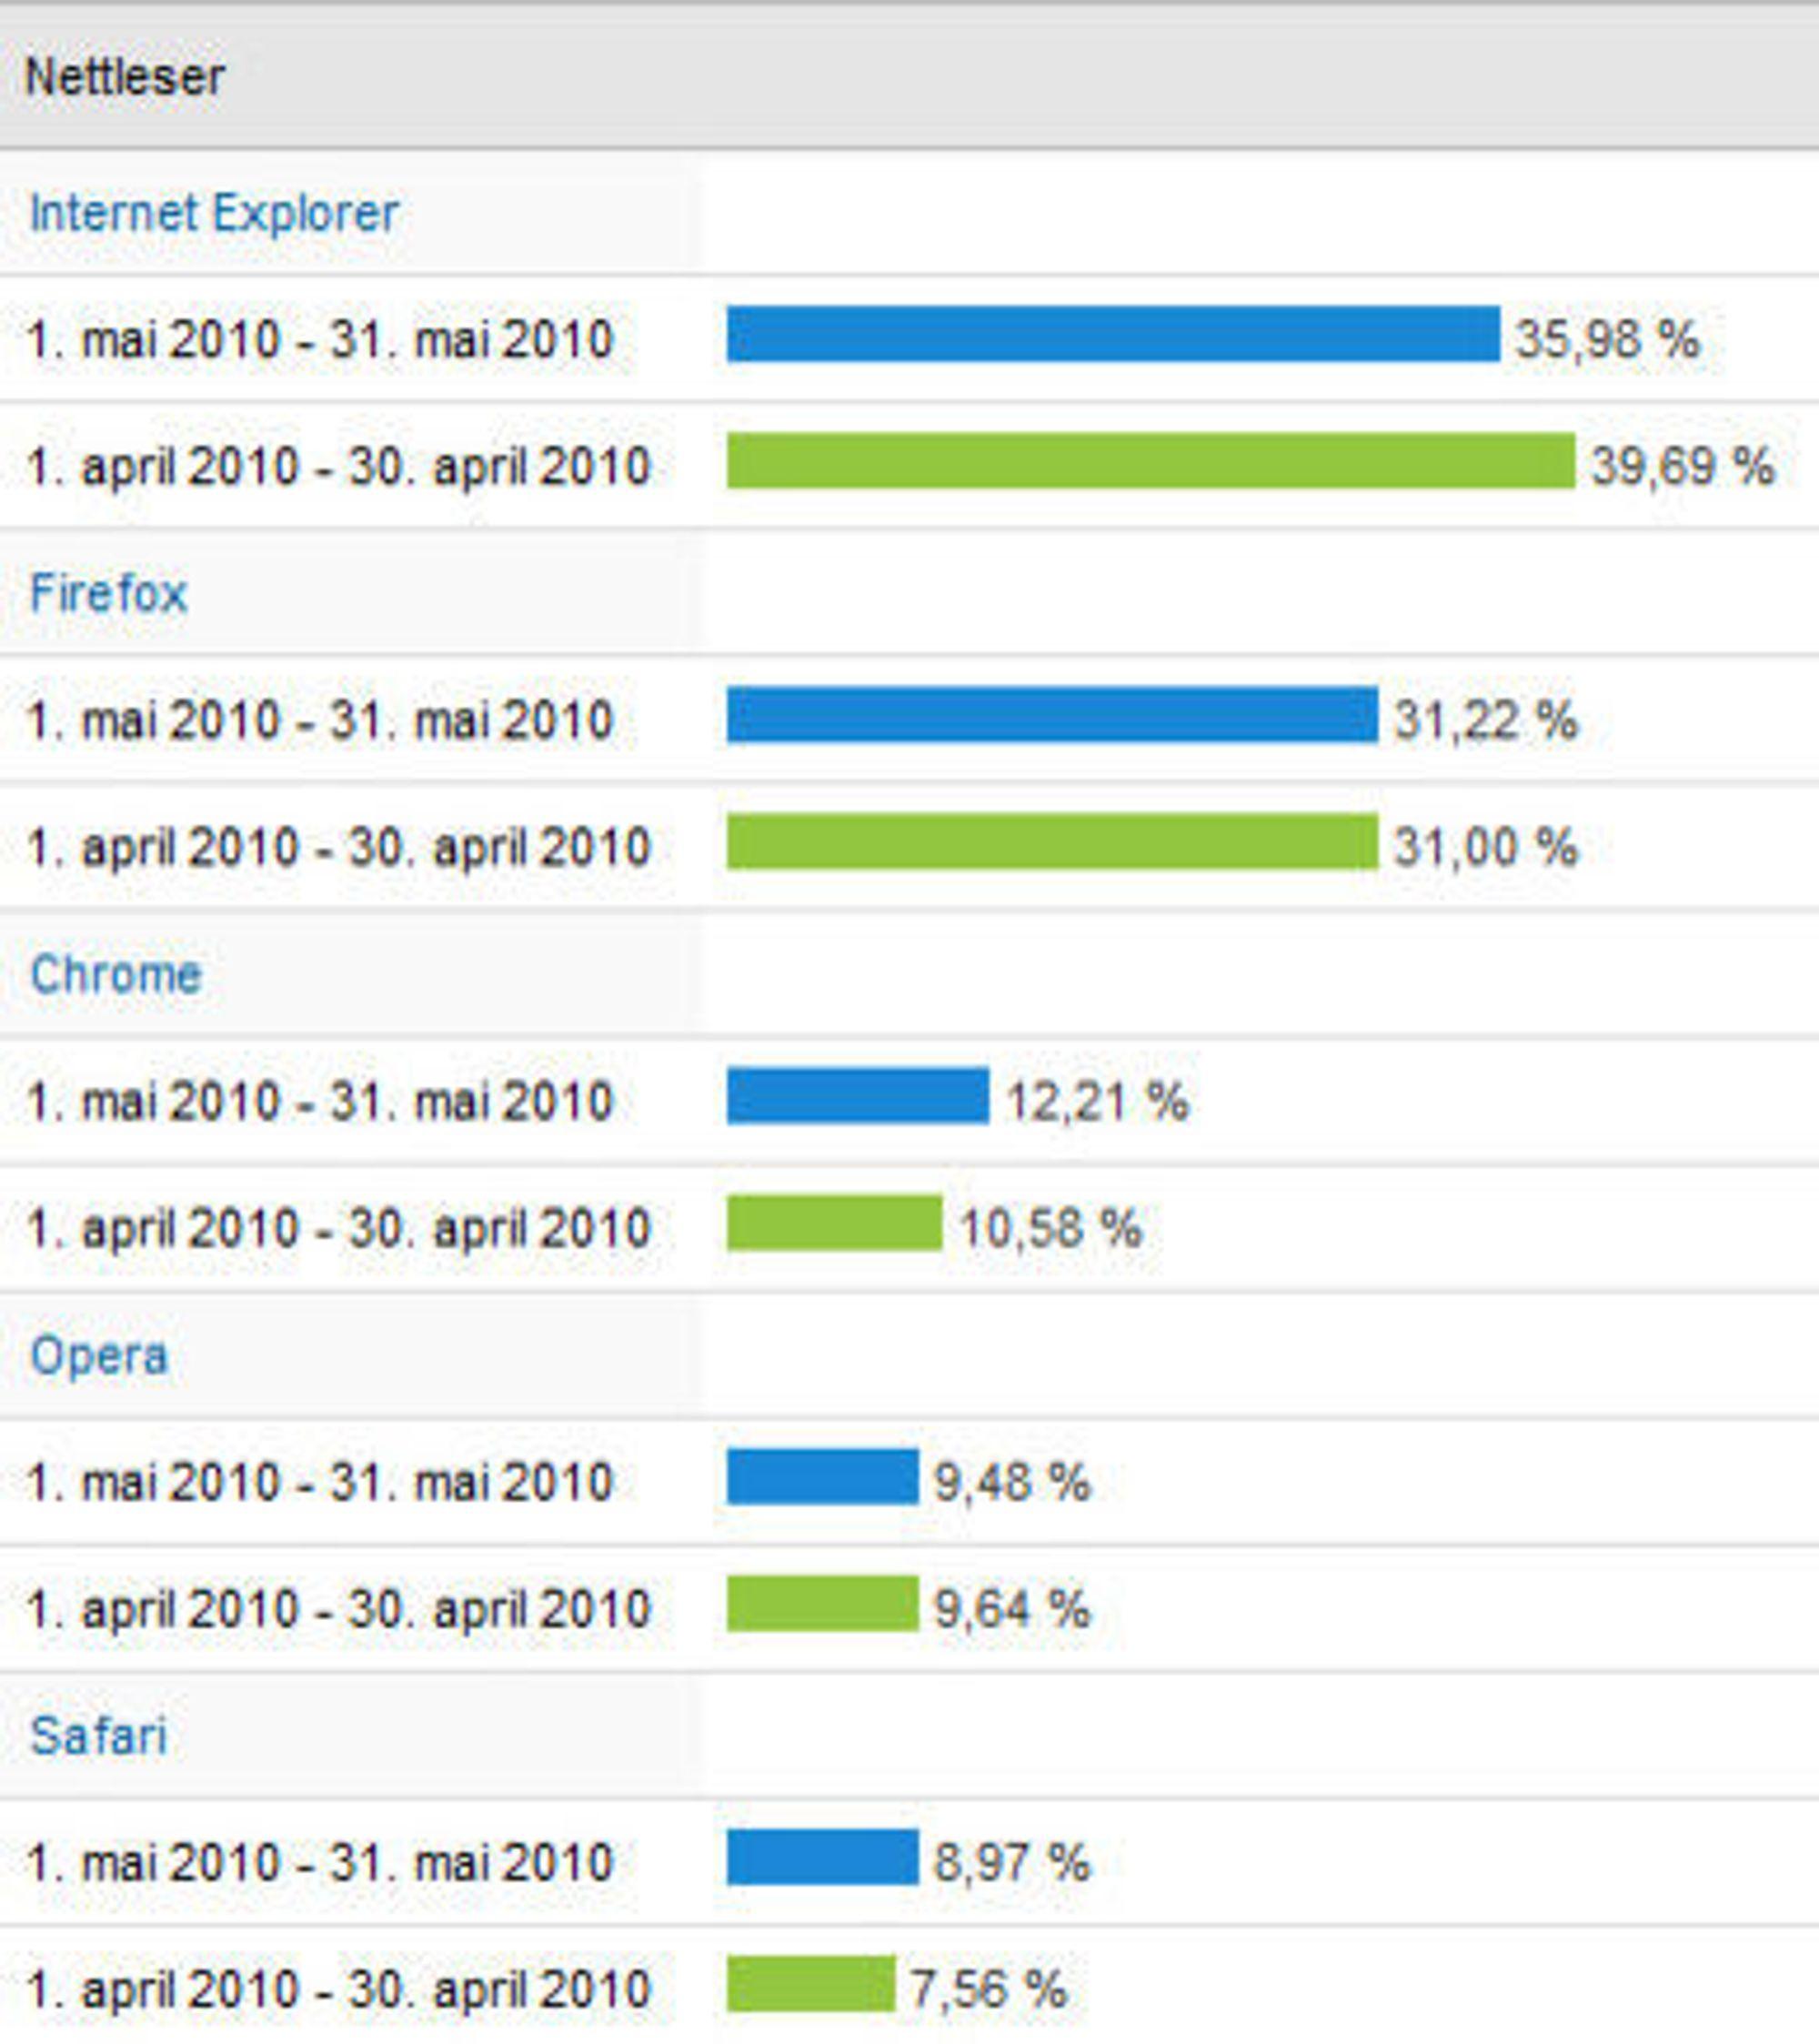 Nettleserandeler på digi.no i april og mai 2010.